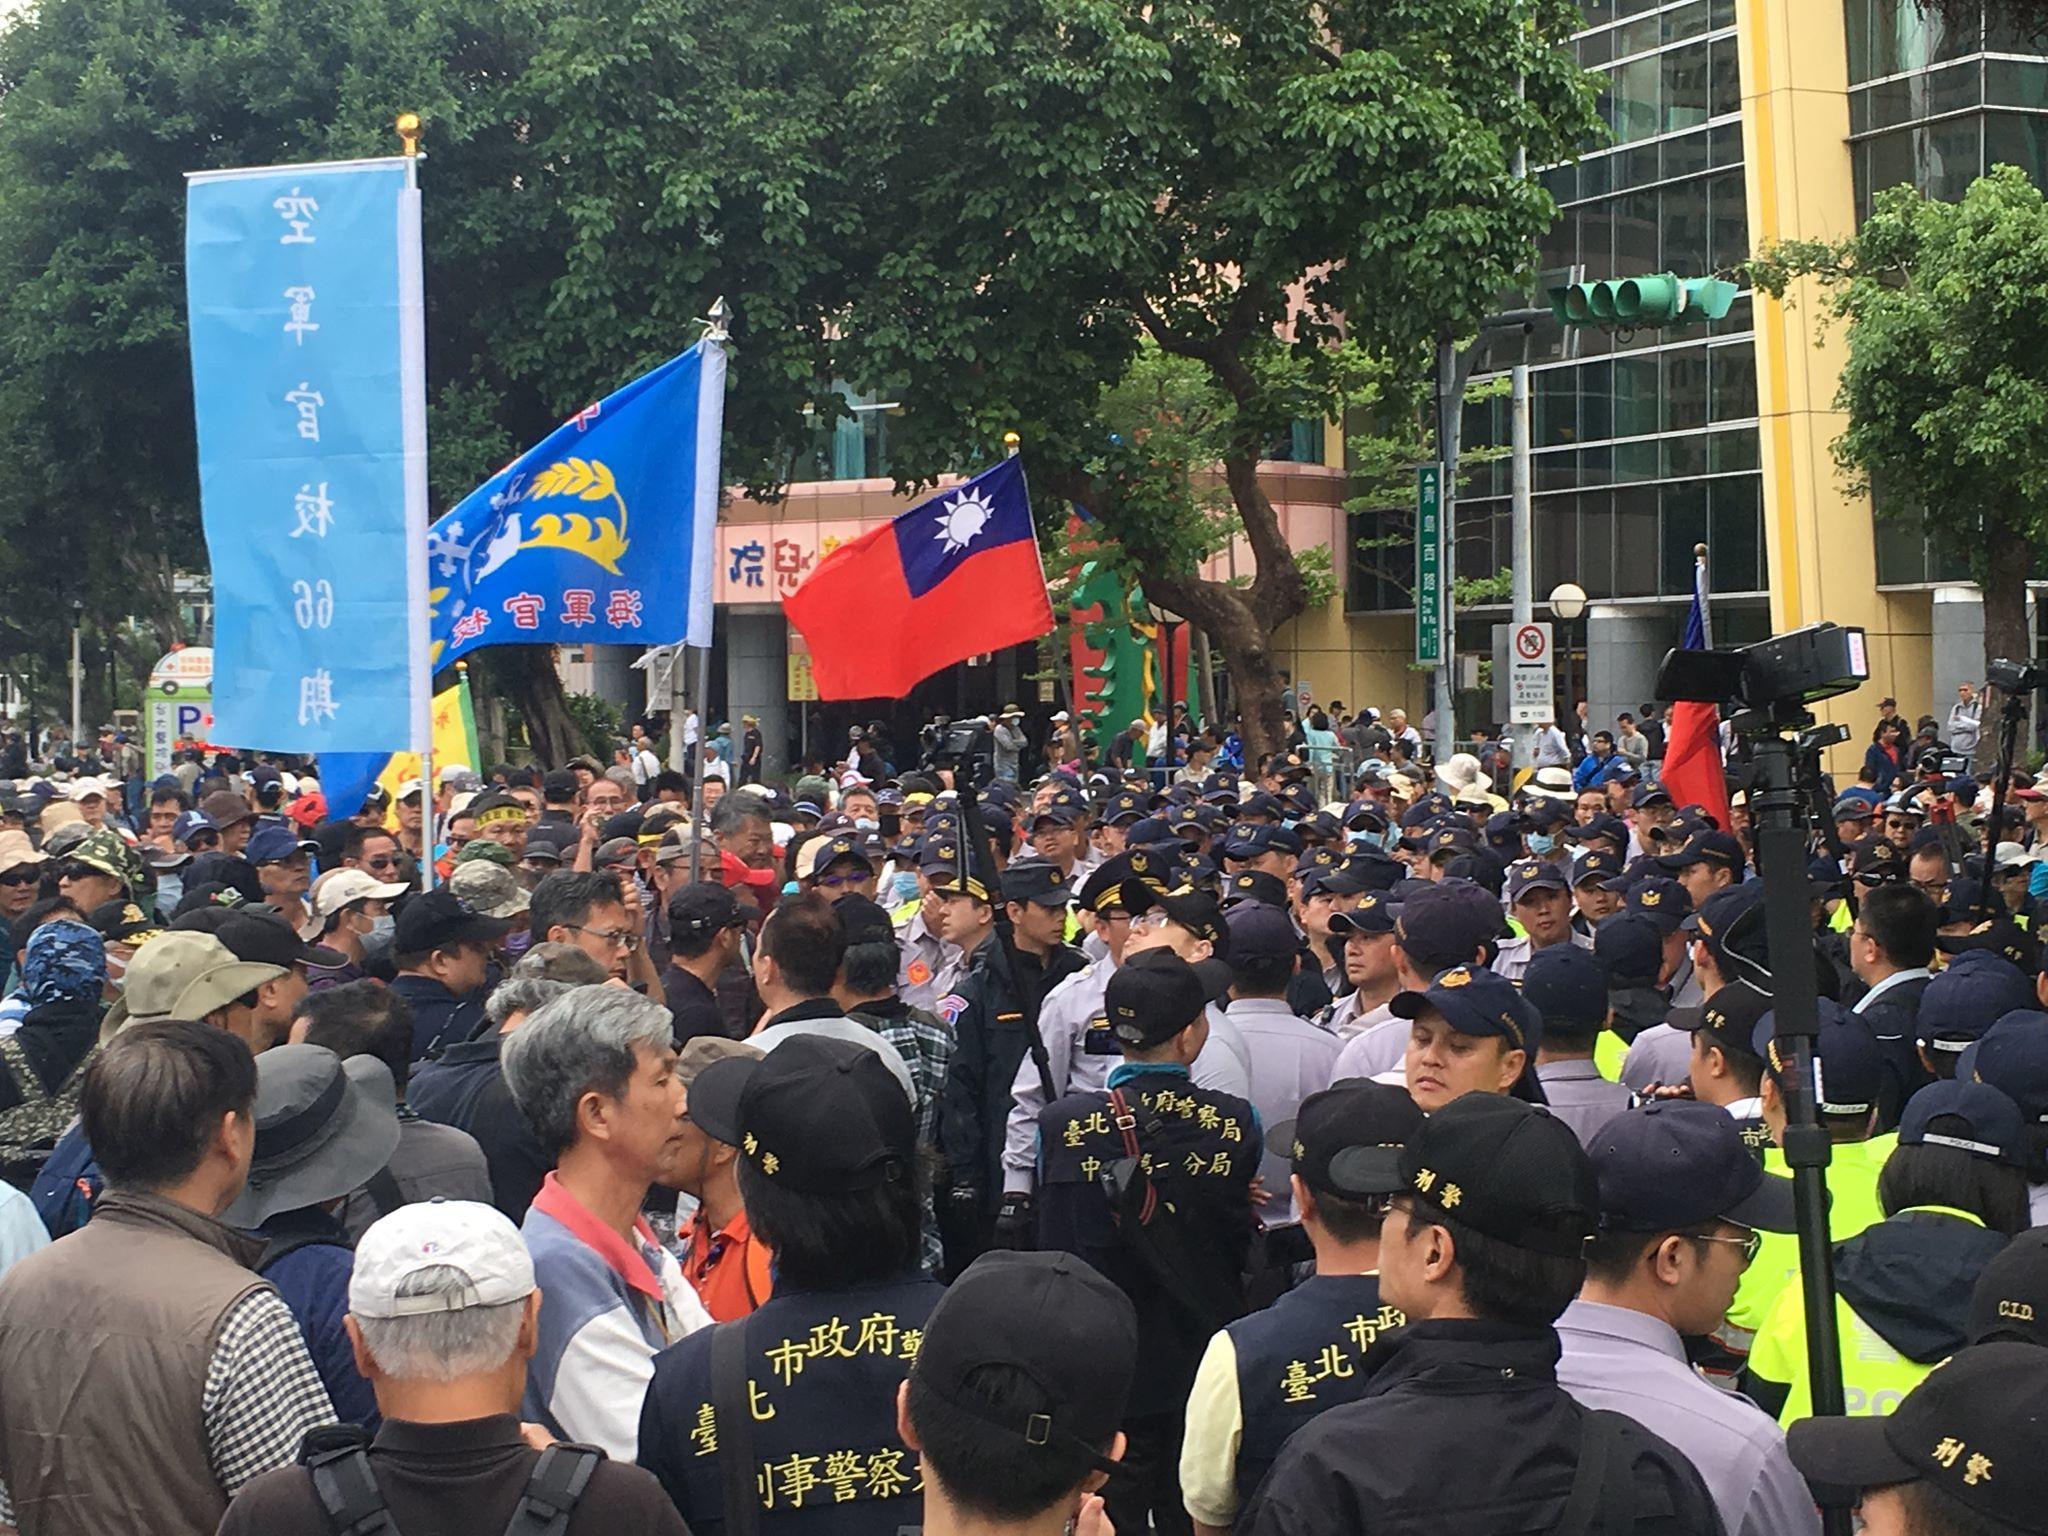 800壯士暴力毆打記者 媒體工會聲明「強力譴責」